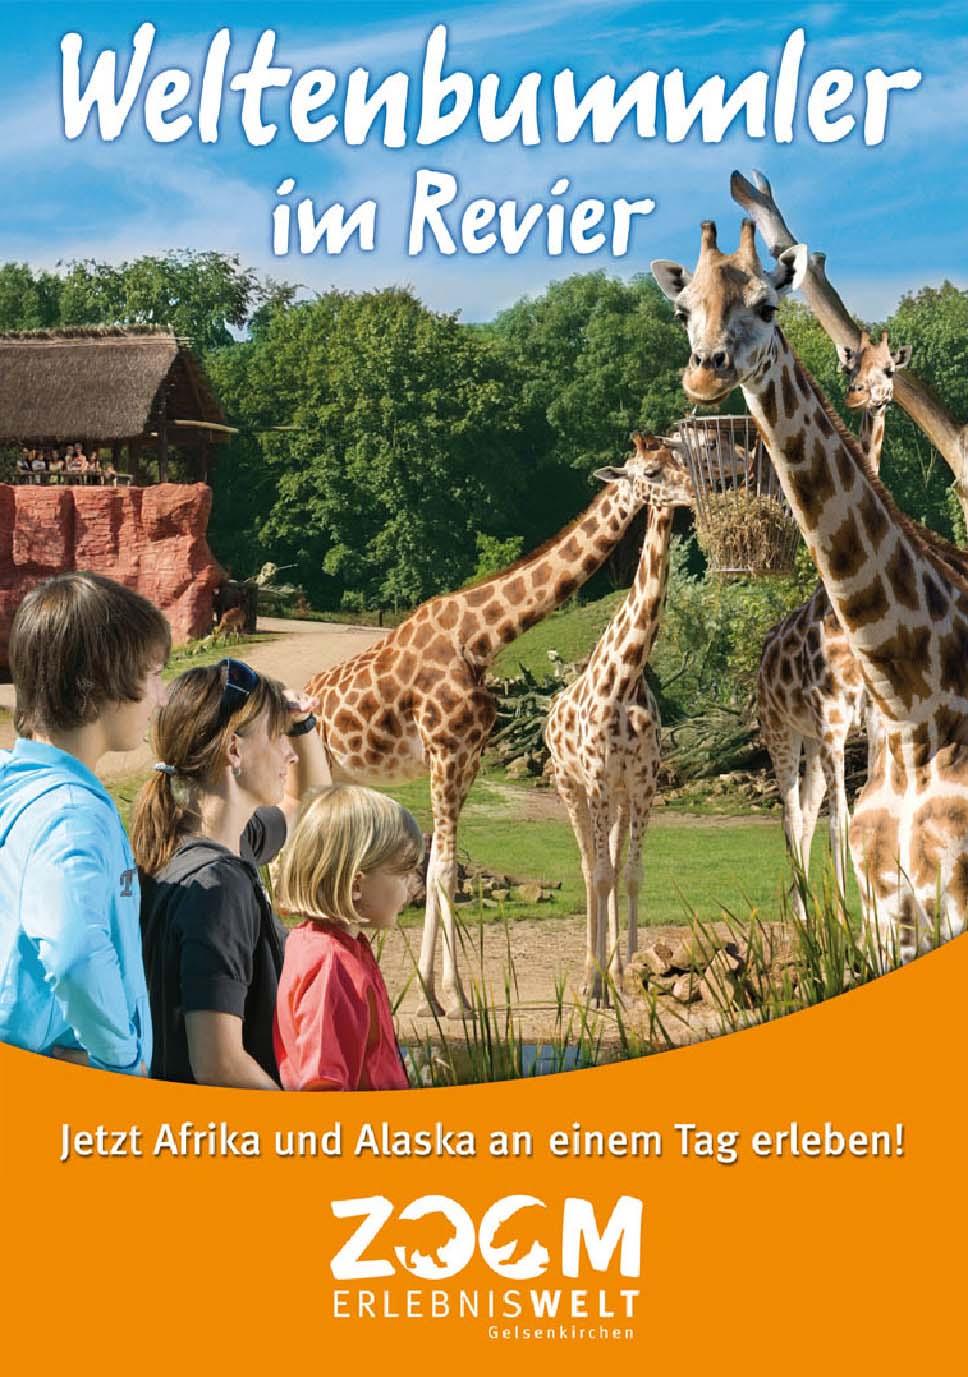 Familie vor dem Giraffen-Gehege